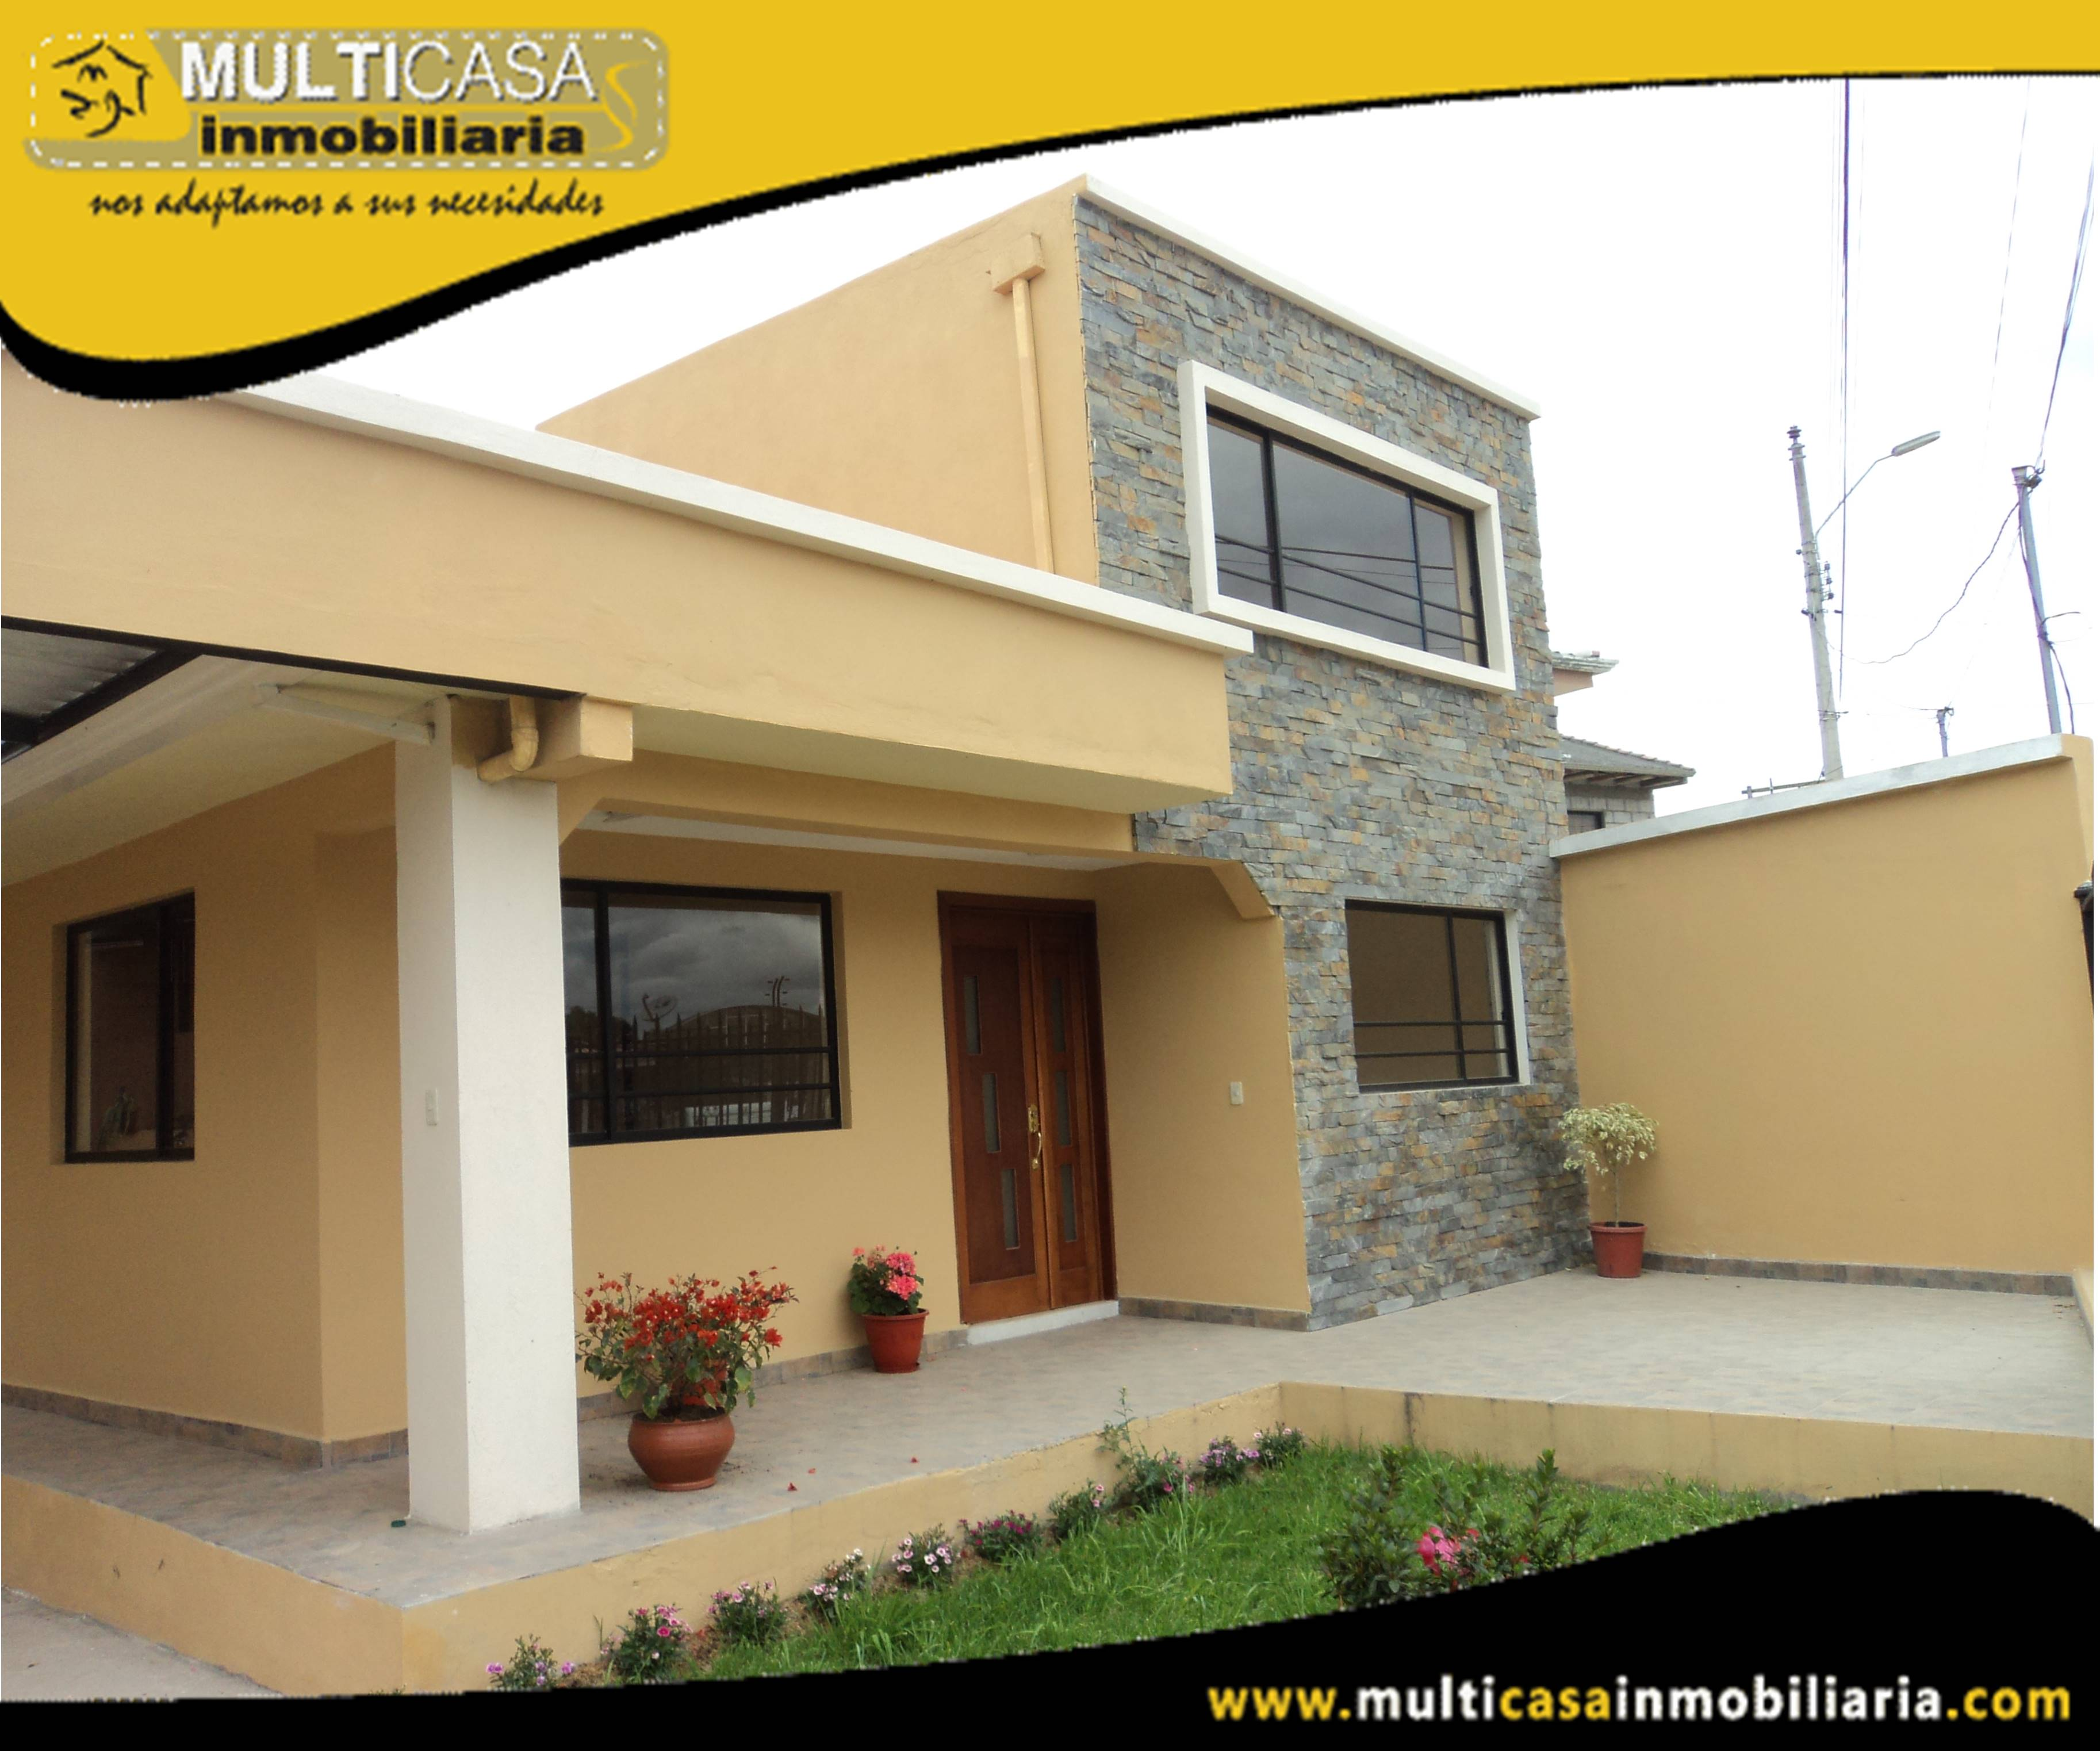 Venta de Dos casas en Una por estrenar a Crédito con garaje para tres vehiculos Sector Baños Cuenca-Ecuador